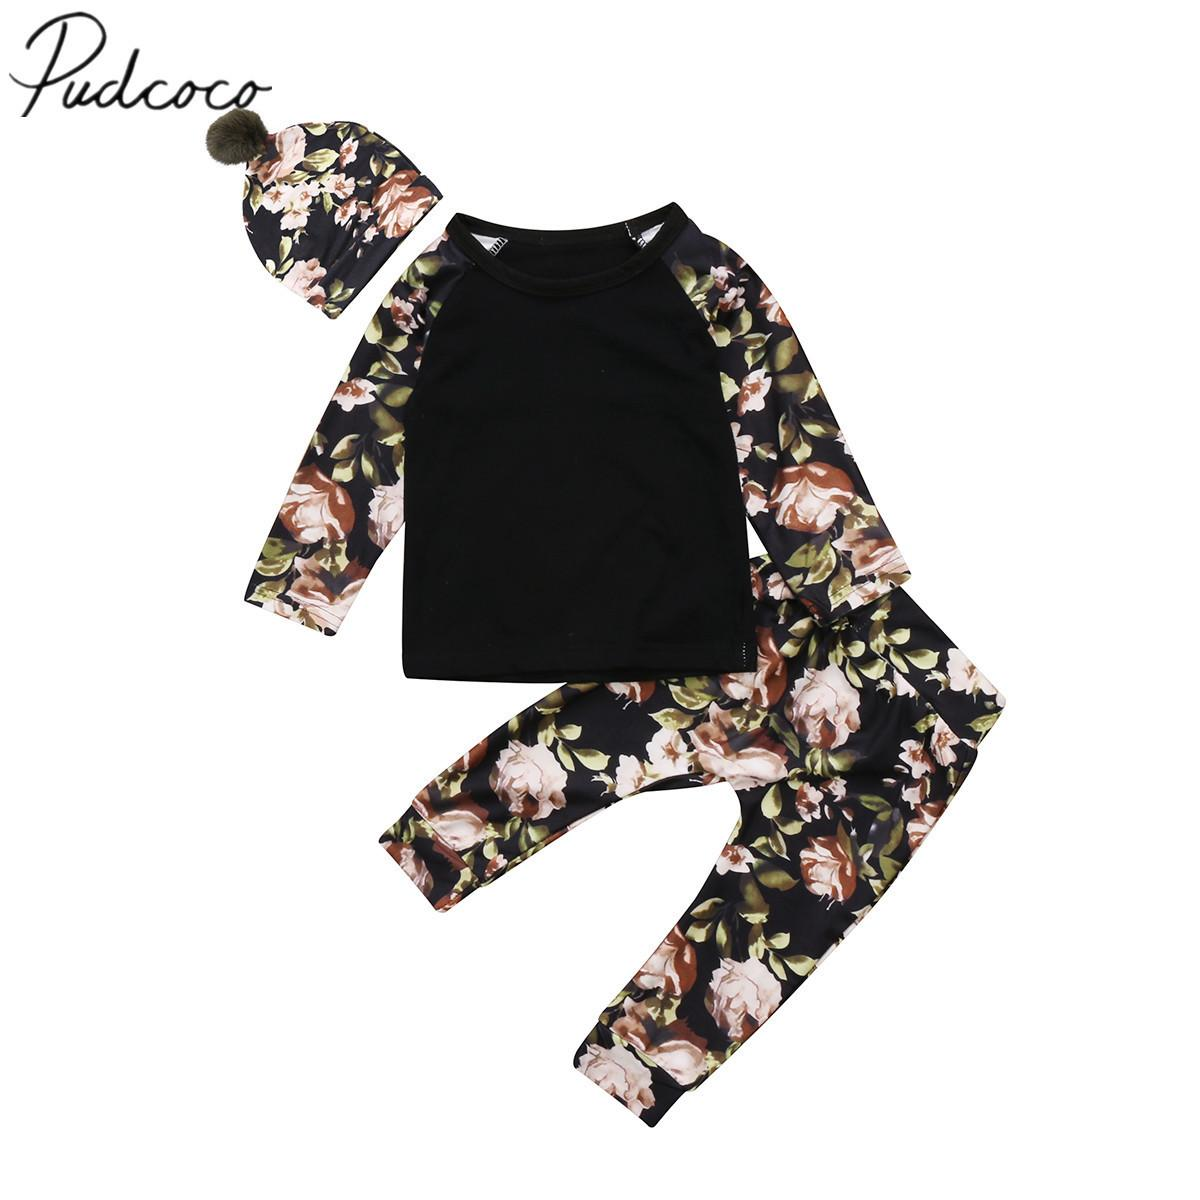 2017 Marka Yeni Yenidoğan Yürüyor bebek Bebek Kız Çiçek Giyim Tops uzun Kollu T Gömlek Pantolon Pom Pom Şapka 3 Adet Set Kıyafetler Y190515